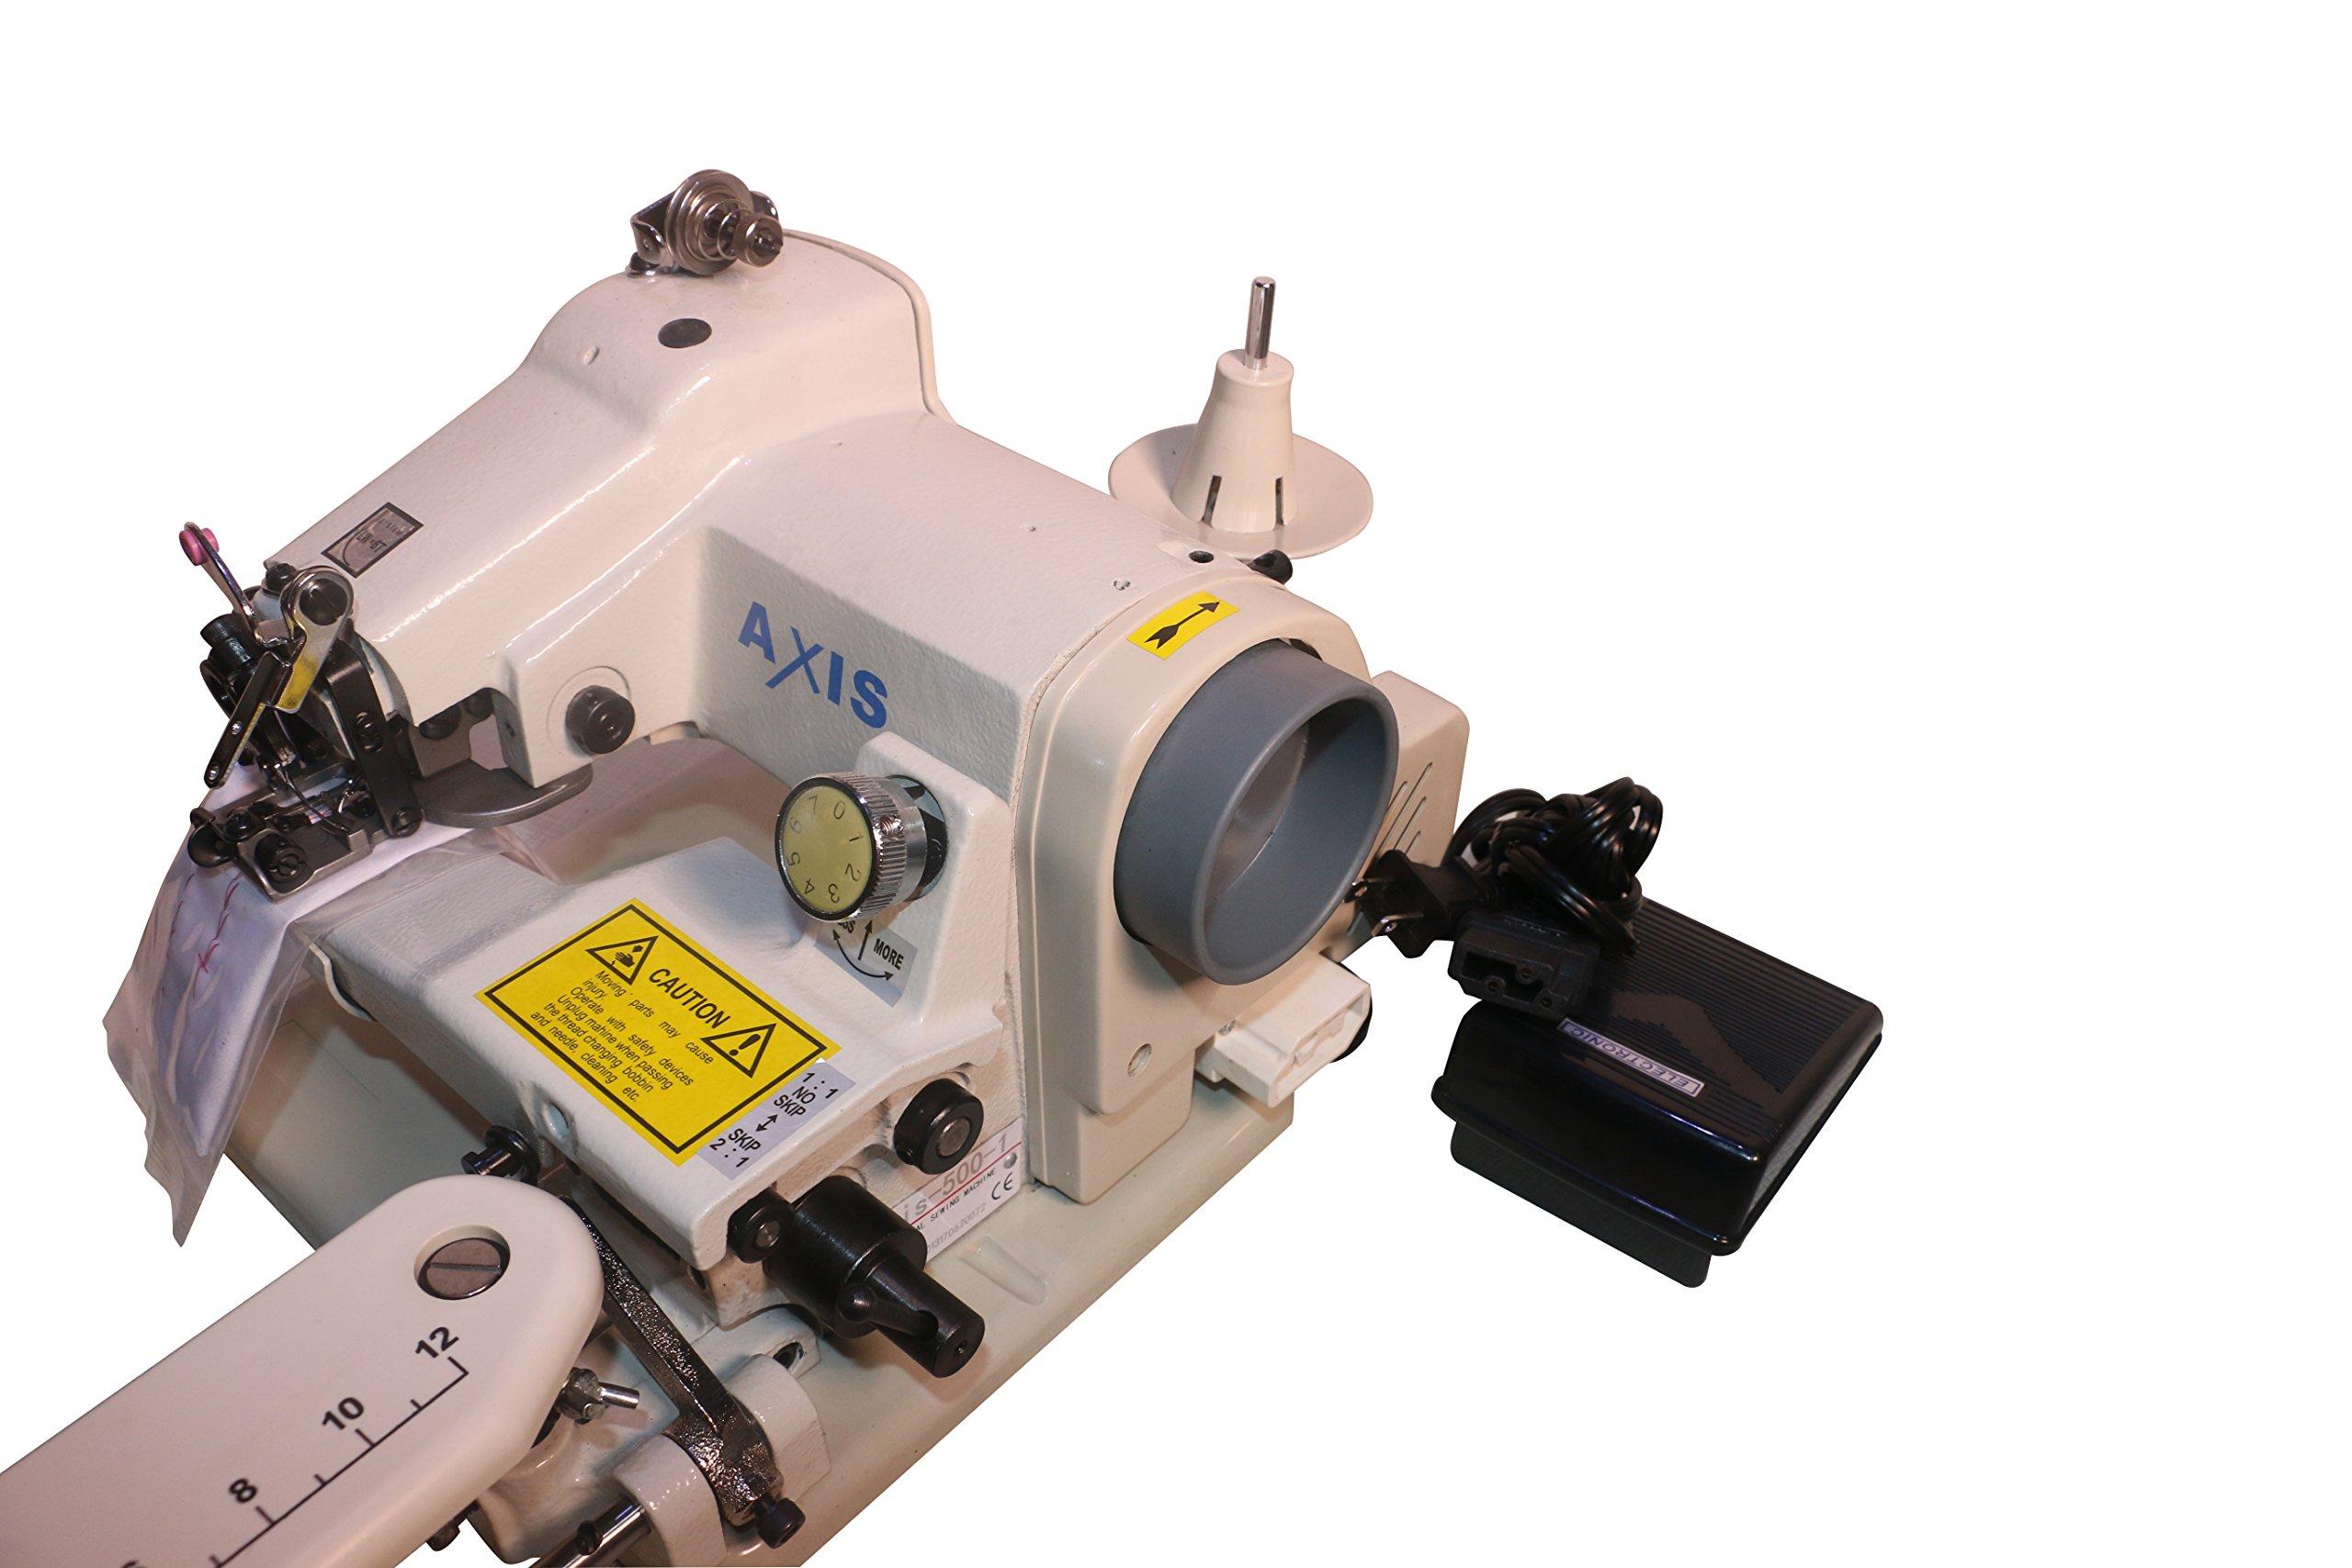 Dressmaker Sewing Machine Desk Blindstitch Hemmer WD-500 Portable Blind Stitch Hemming Machines Alterations Hem Pants